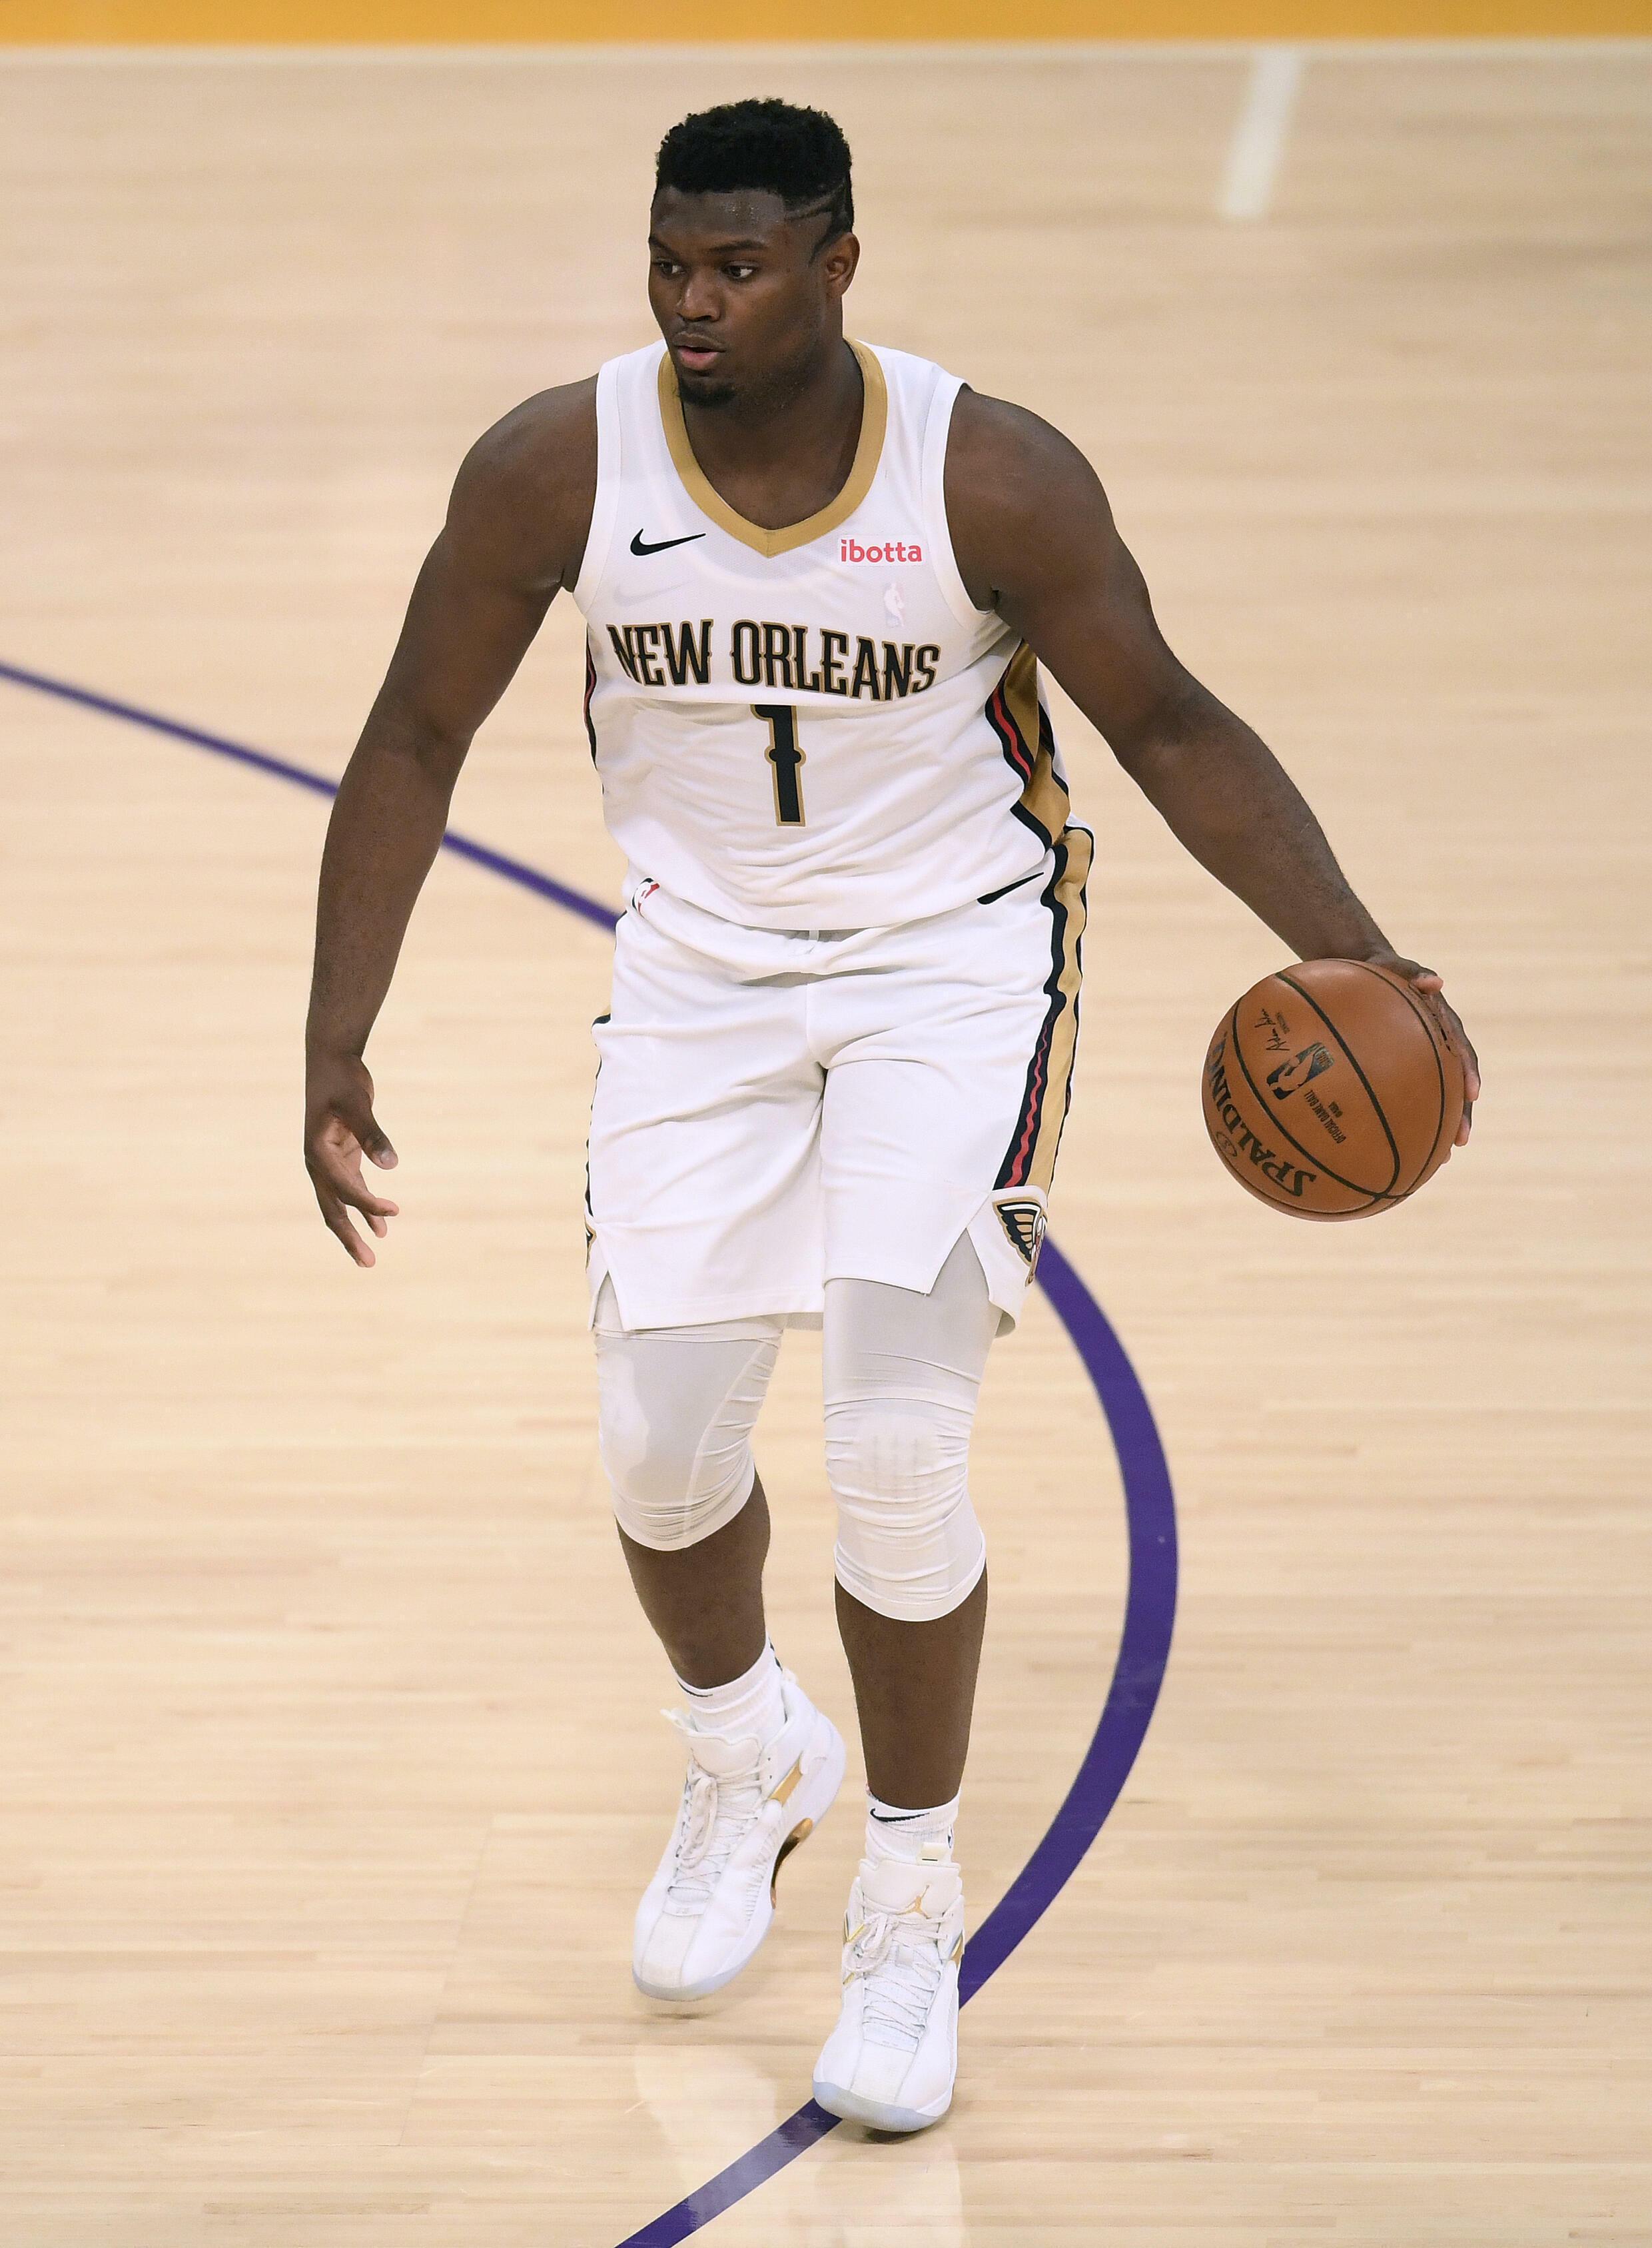 Emiliana Ramos é fã da estrela do New Orleans Pelicans, Zion Williamson, e está usando sua camisa número 1